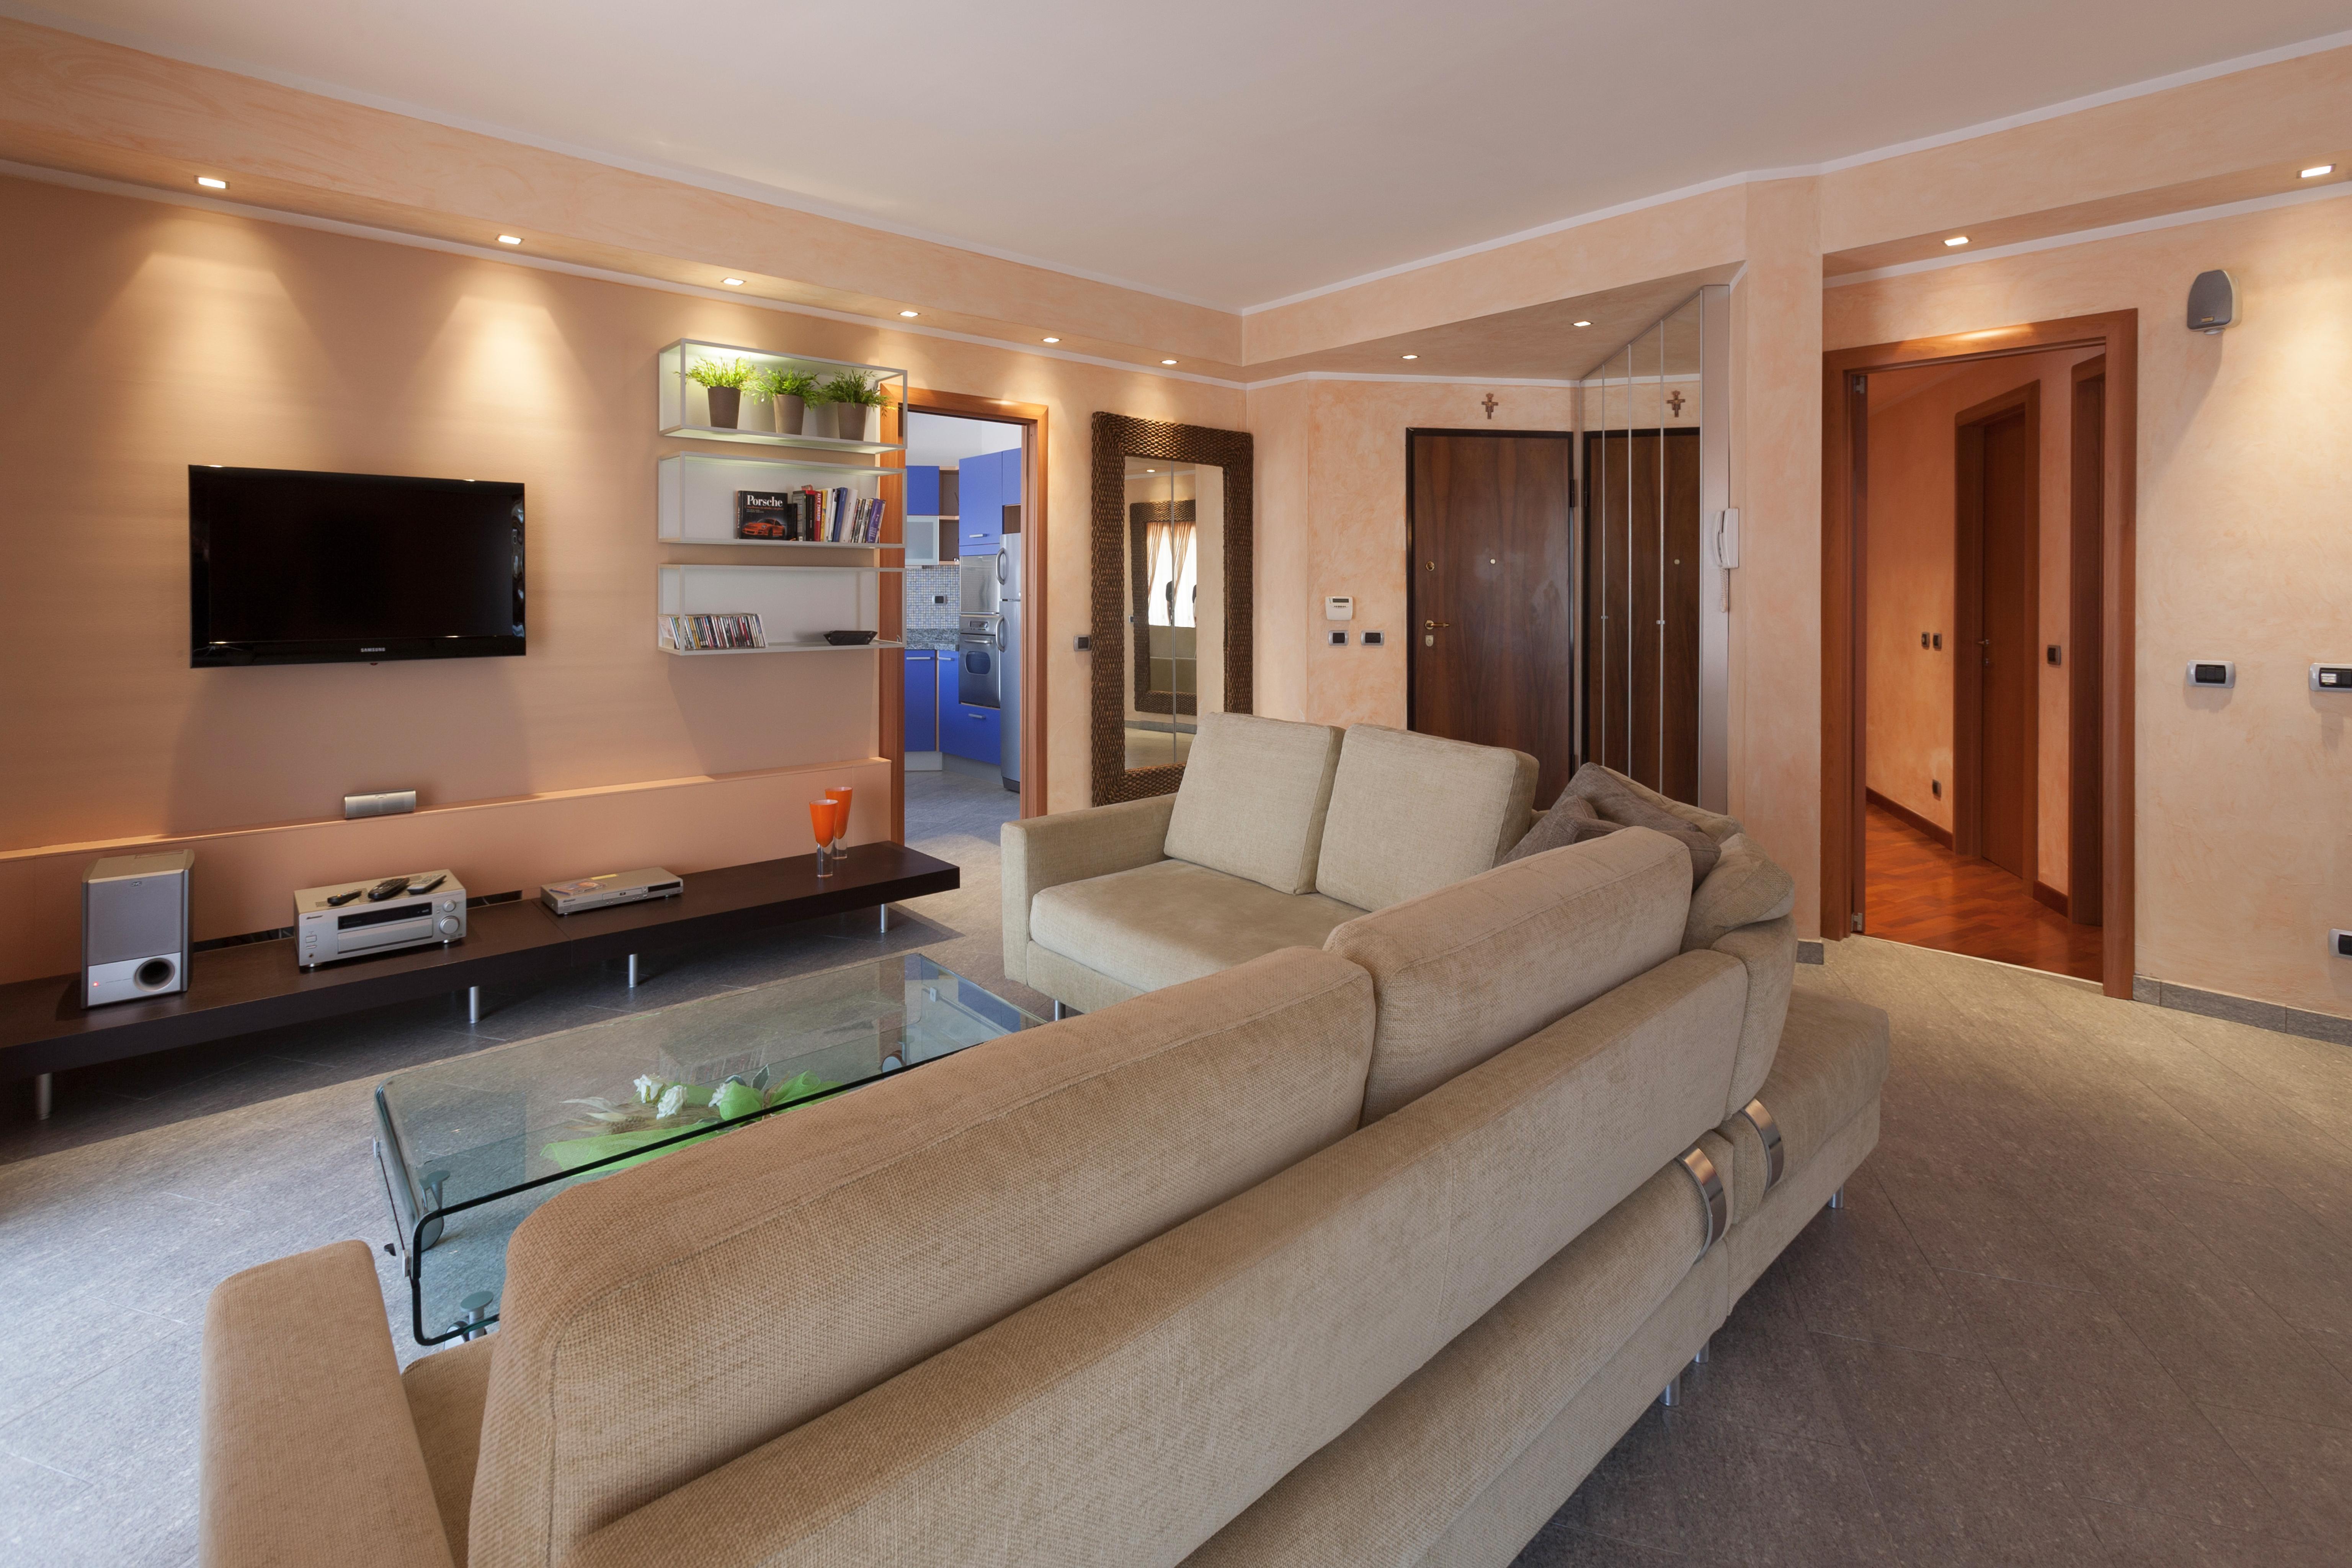 Ferienhaus Villa Cometa - Lebende Mode - (2599033), Casaleggio Novara, Novara, Piemont, Italien, Bild 8